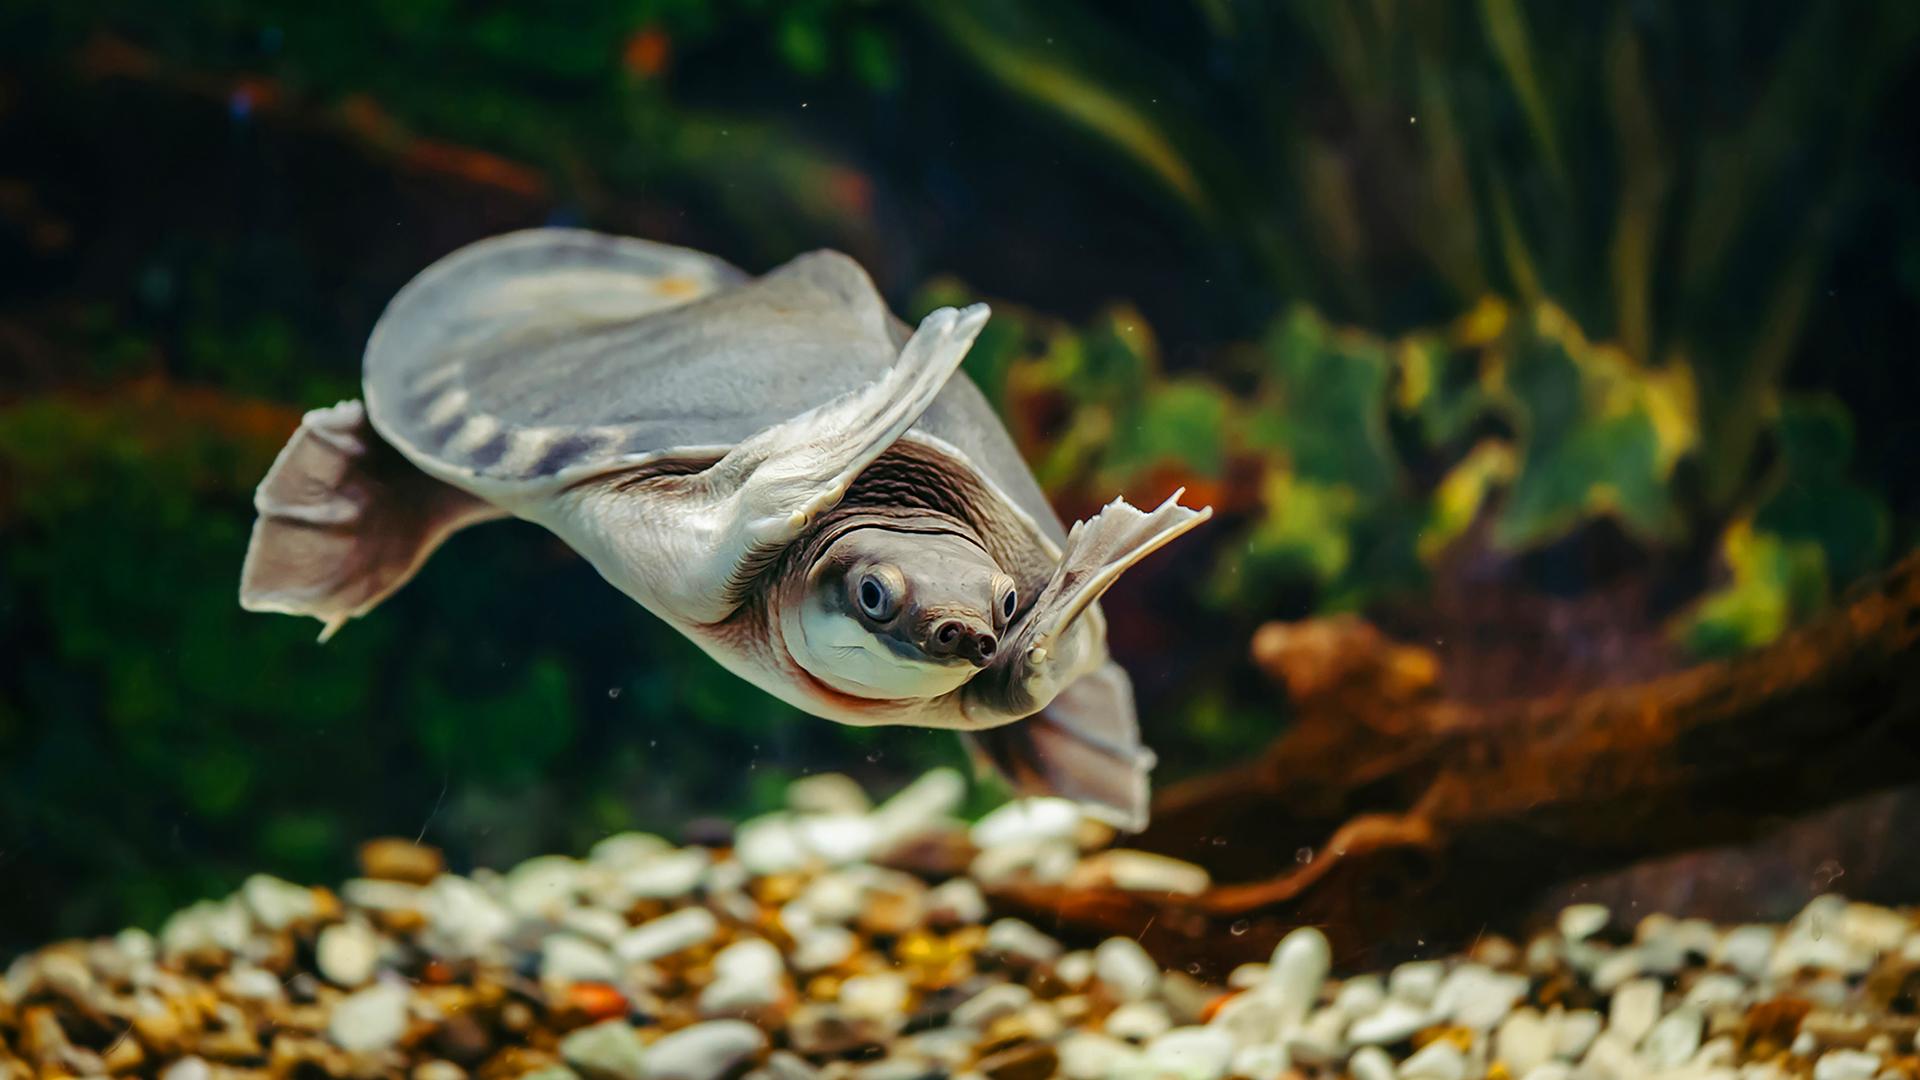 Dicas e curiosidades sobre aquaterrário para tartaruga